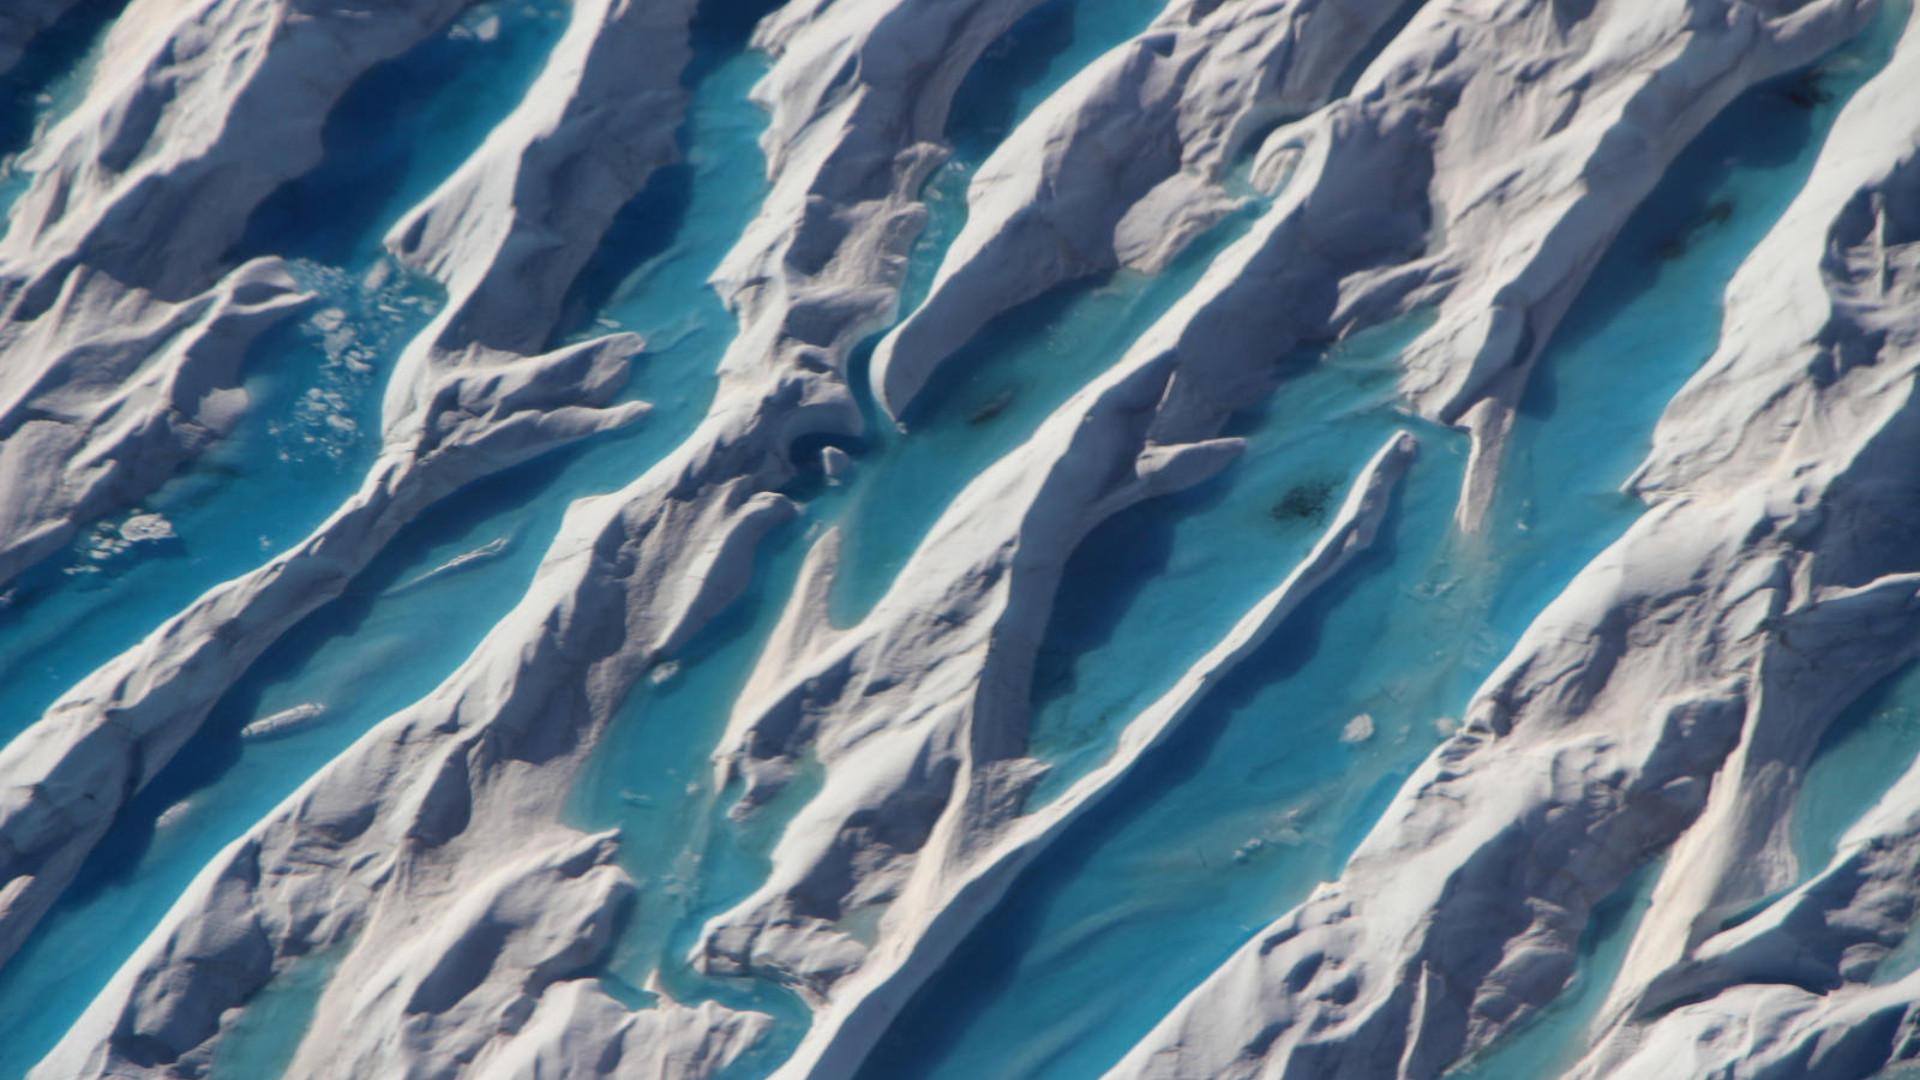 Les bactéries font fondre le Groenland plus vite que prévu - Numerama